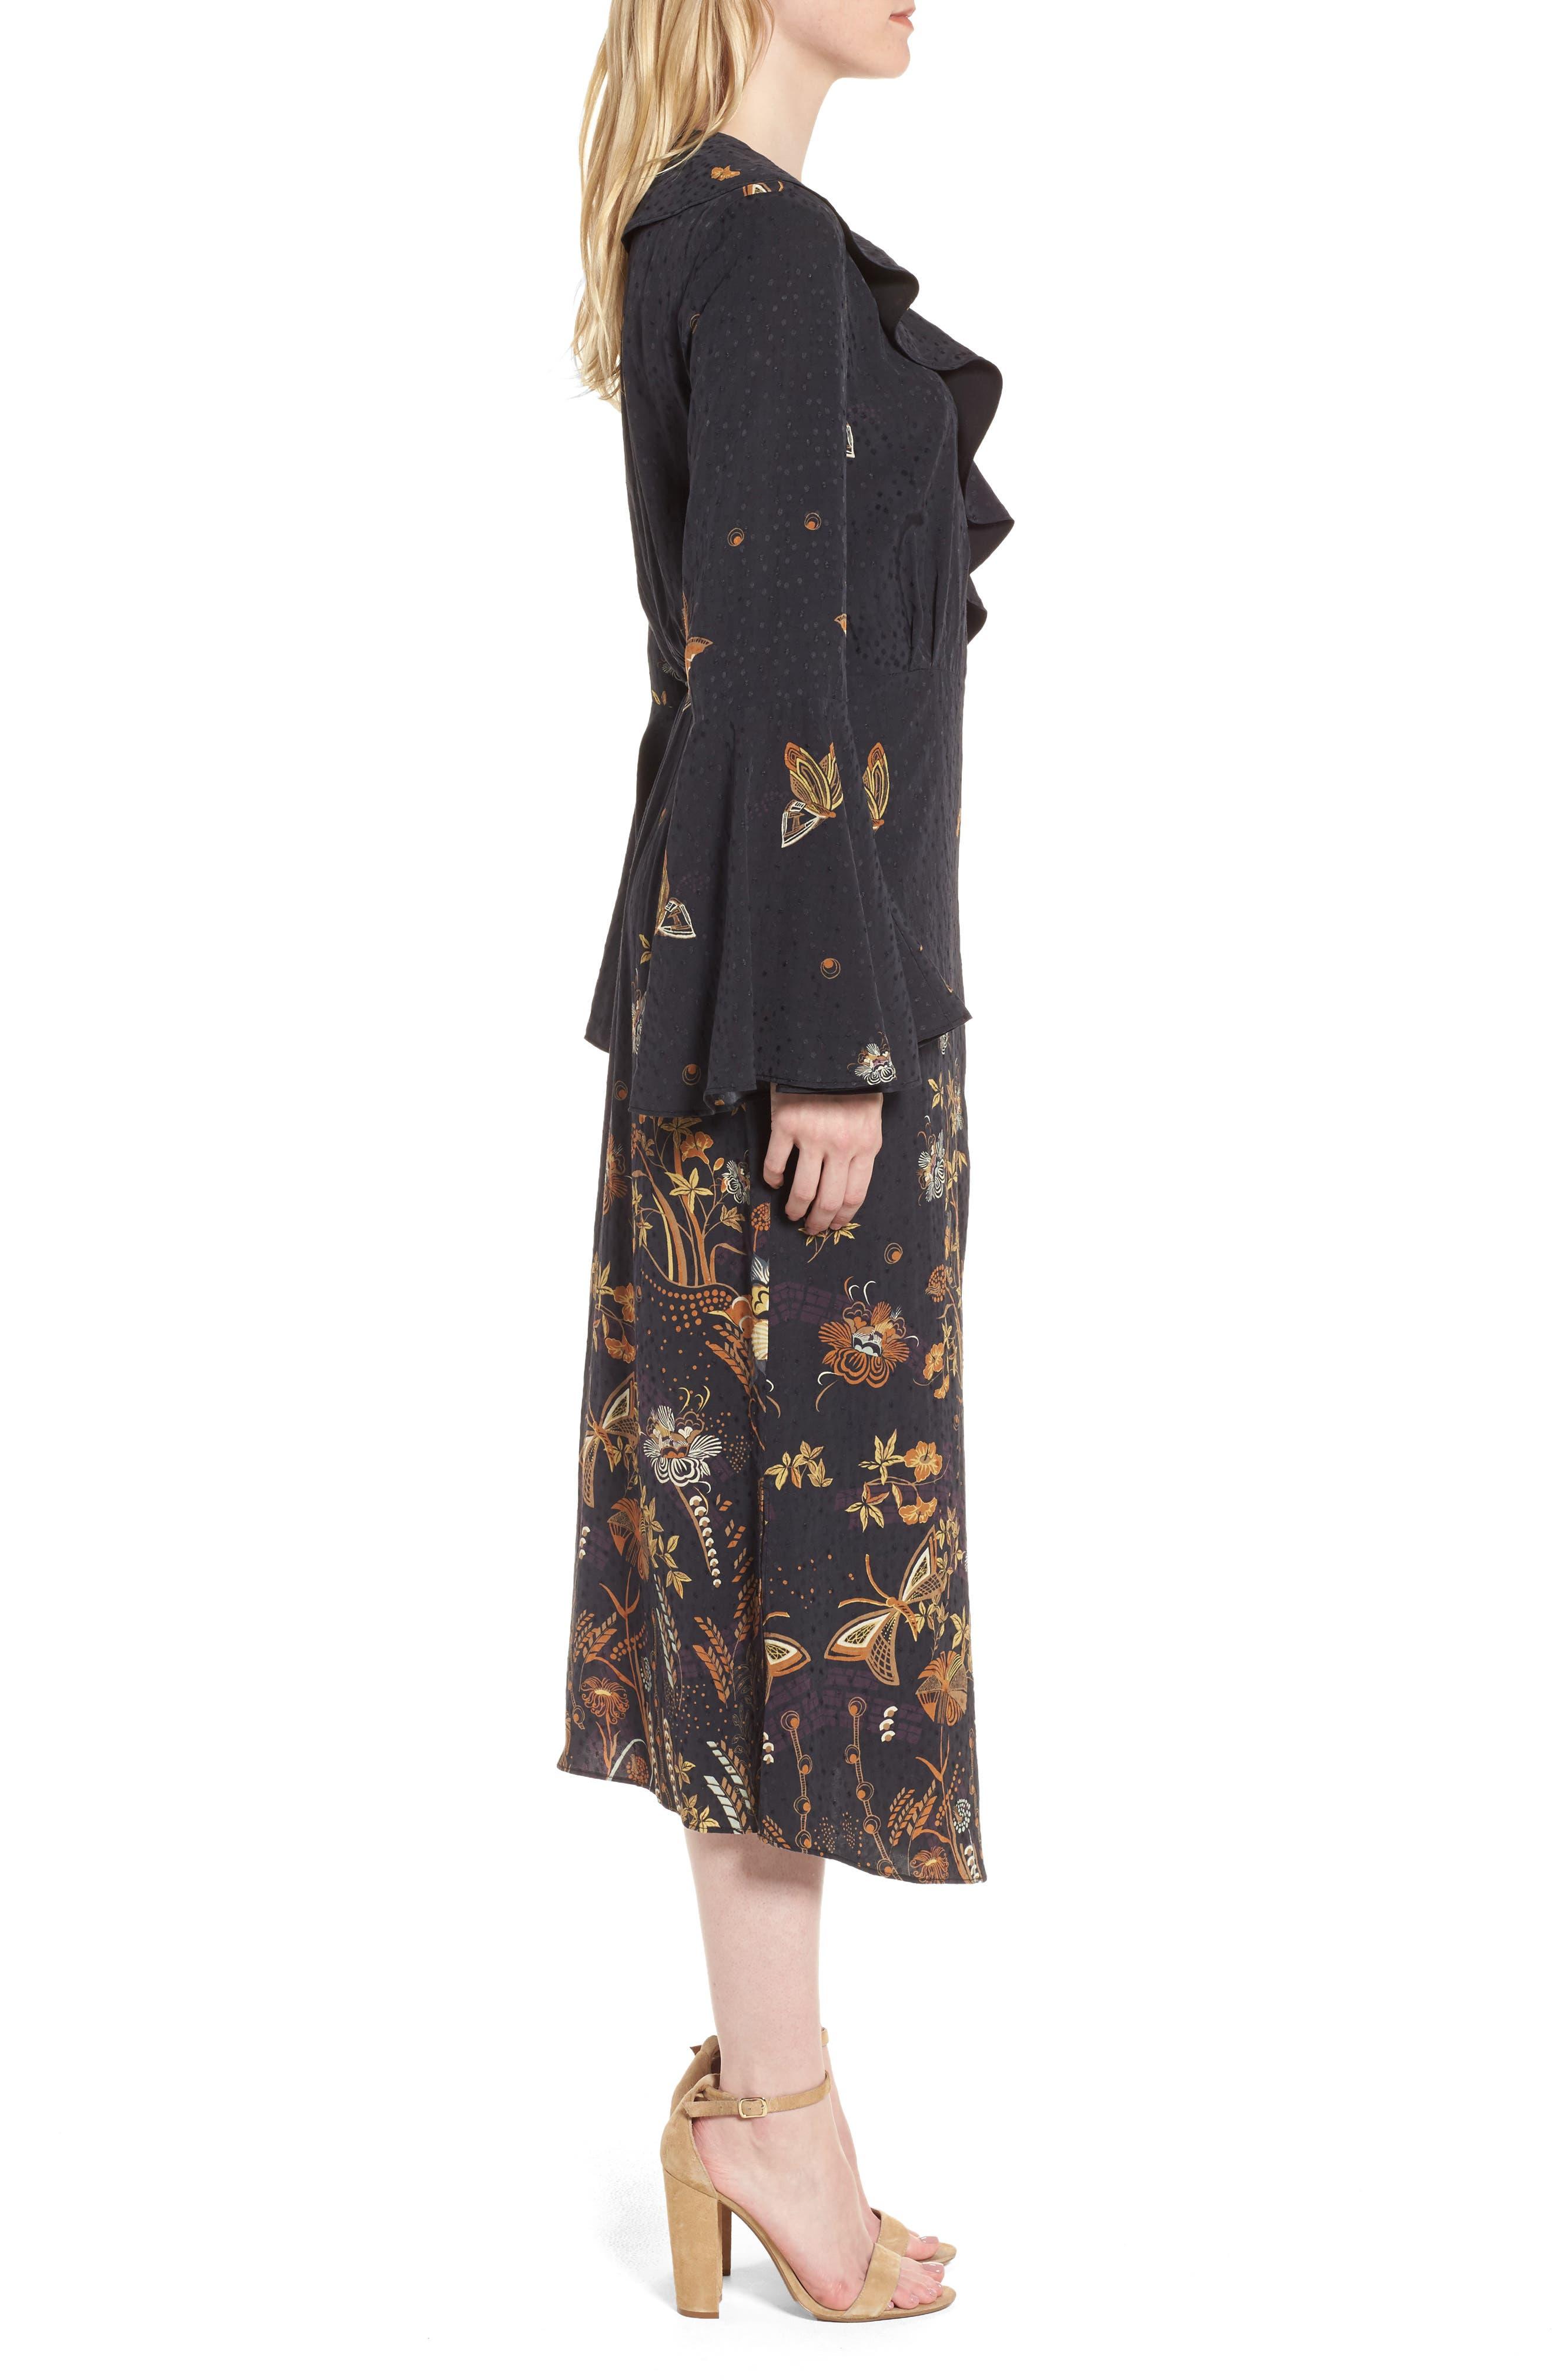 Jacquard Midi Wrap Dress,                             Alternate thumbnail 3, color,                             Black Decorative Scenery Print